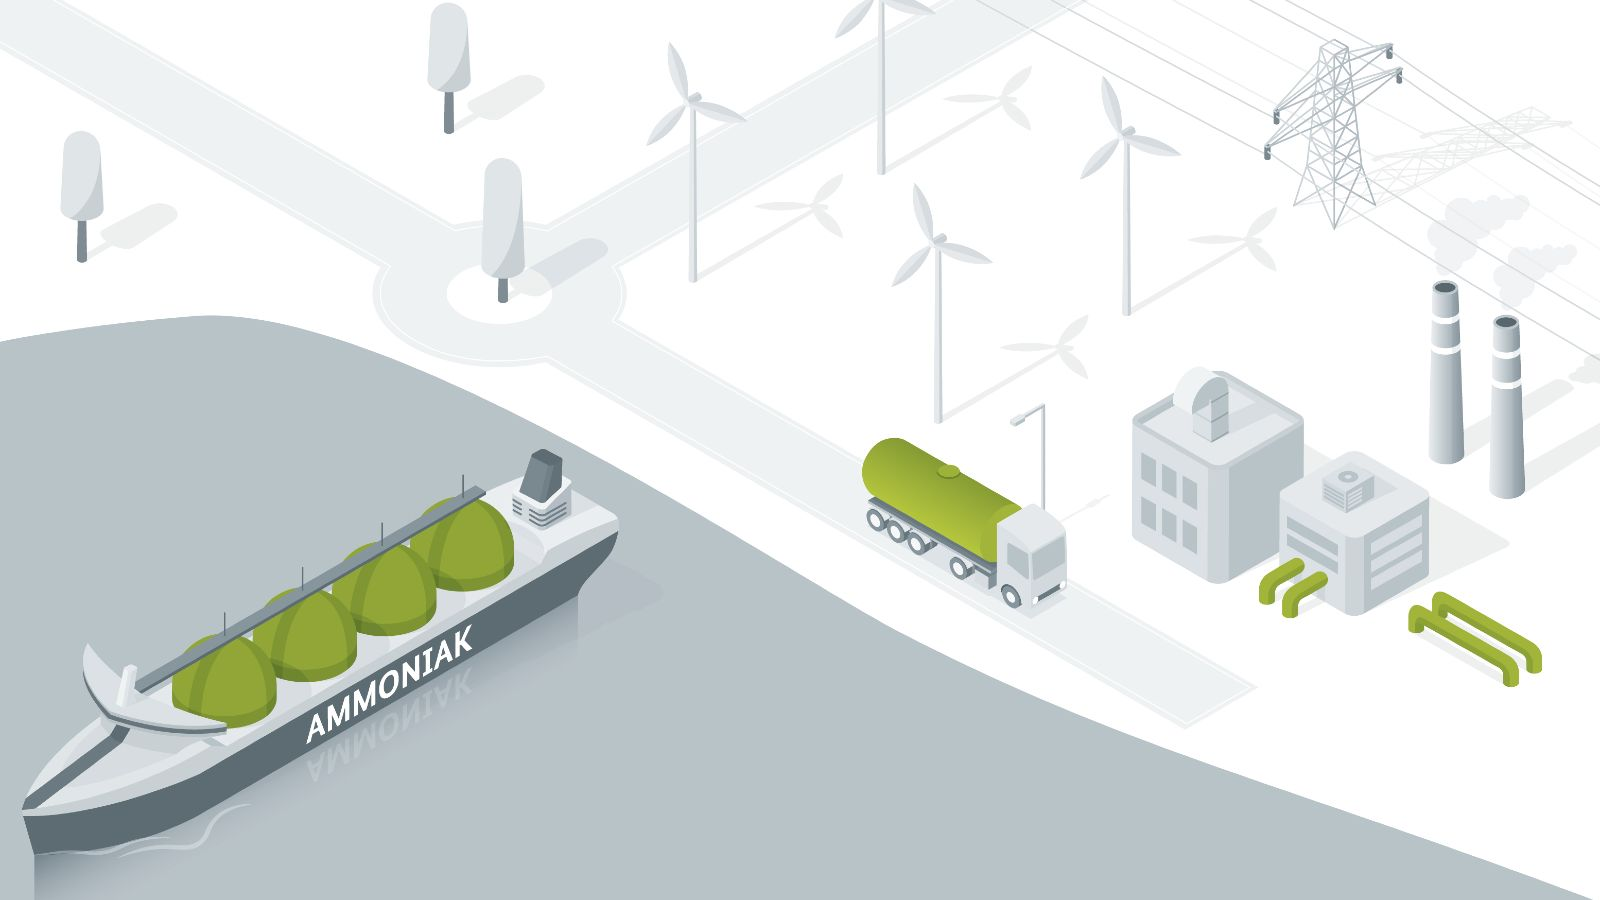 Das Bild ist eine Zeichnung, die den Wasserstoff-Transport via LKW, Schiff, LOHC, Ammoniak und Pipeline zeigt.